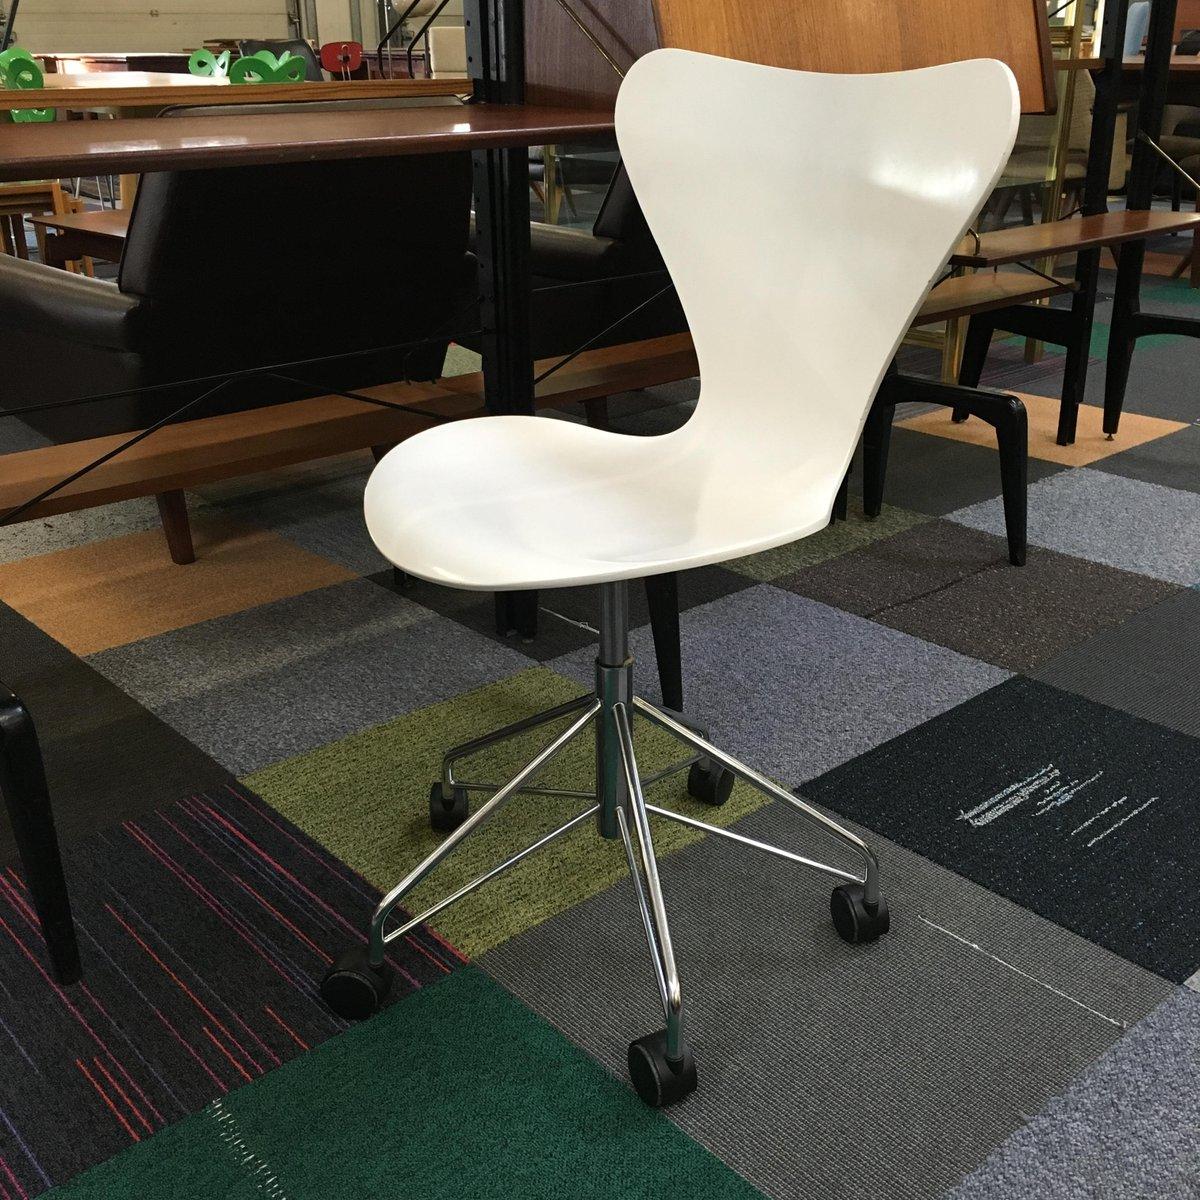 butterfly series 7 drehstuhl von arne jacobsen f r fritz hansen bei pamono kaufen. Black Bedroom Furniture Sets. Home Design Ideas